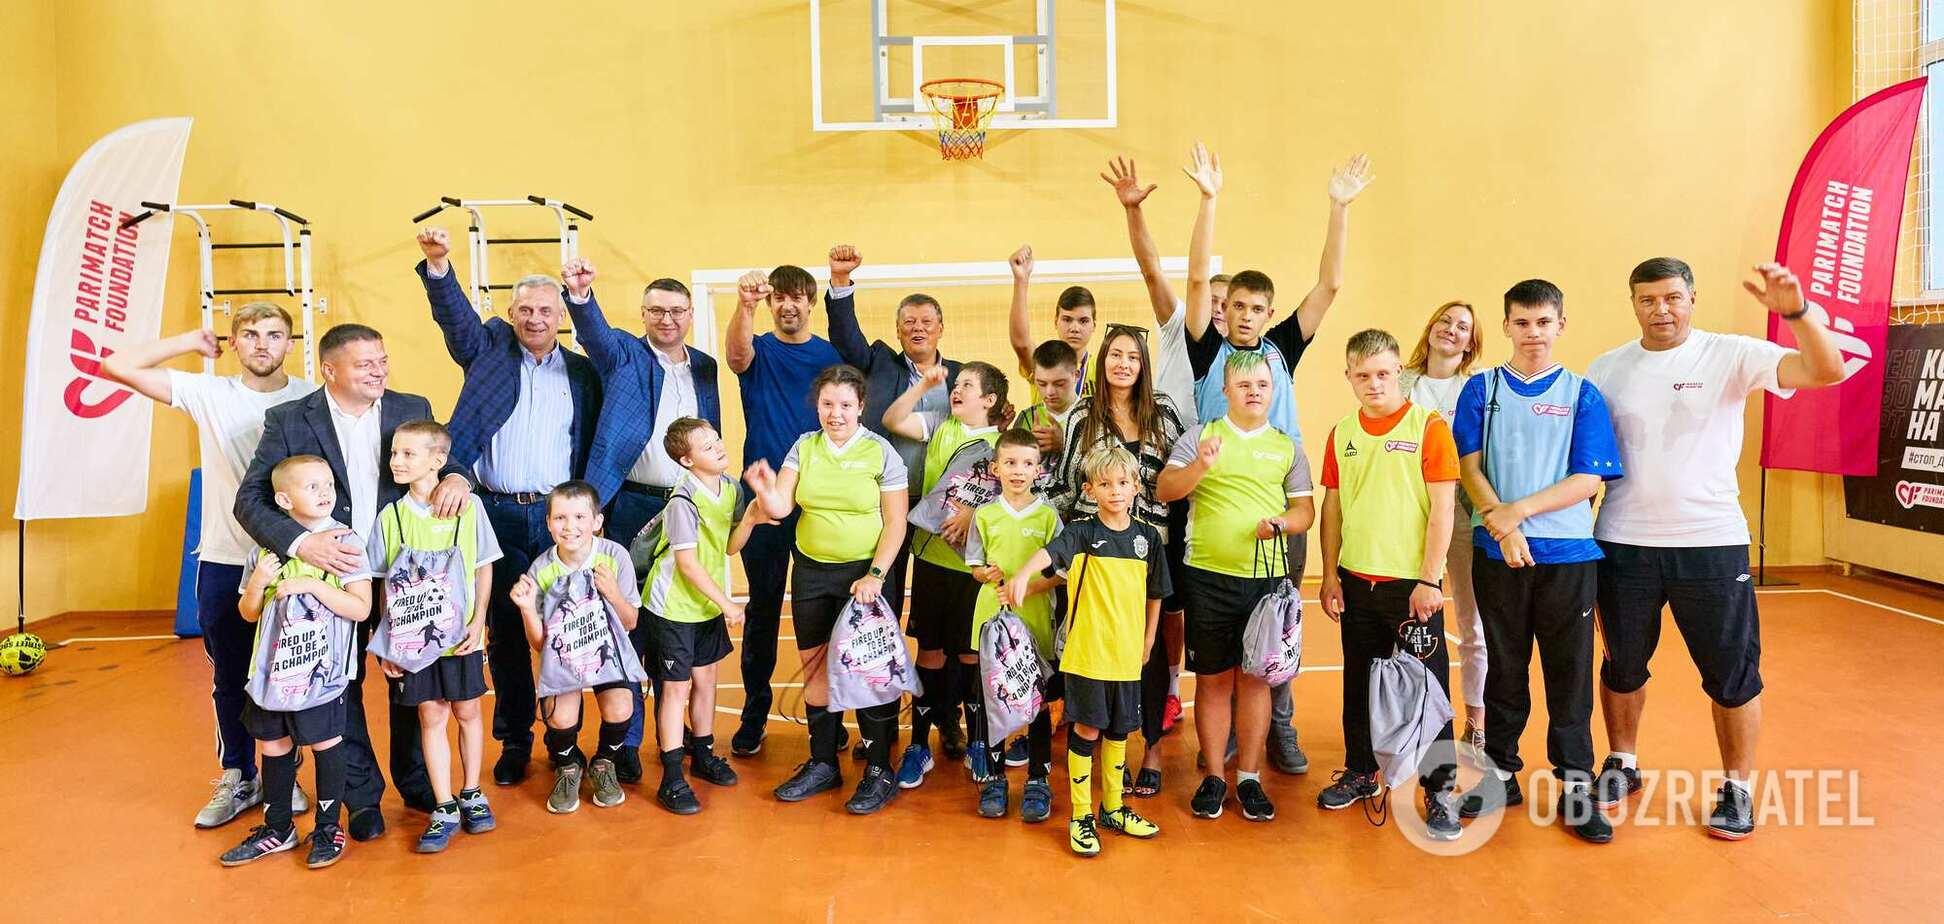 Шовковський: мені дуже близька місія Parimatch Foundation – розвивати дітей через спорт